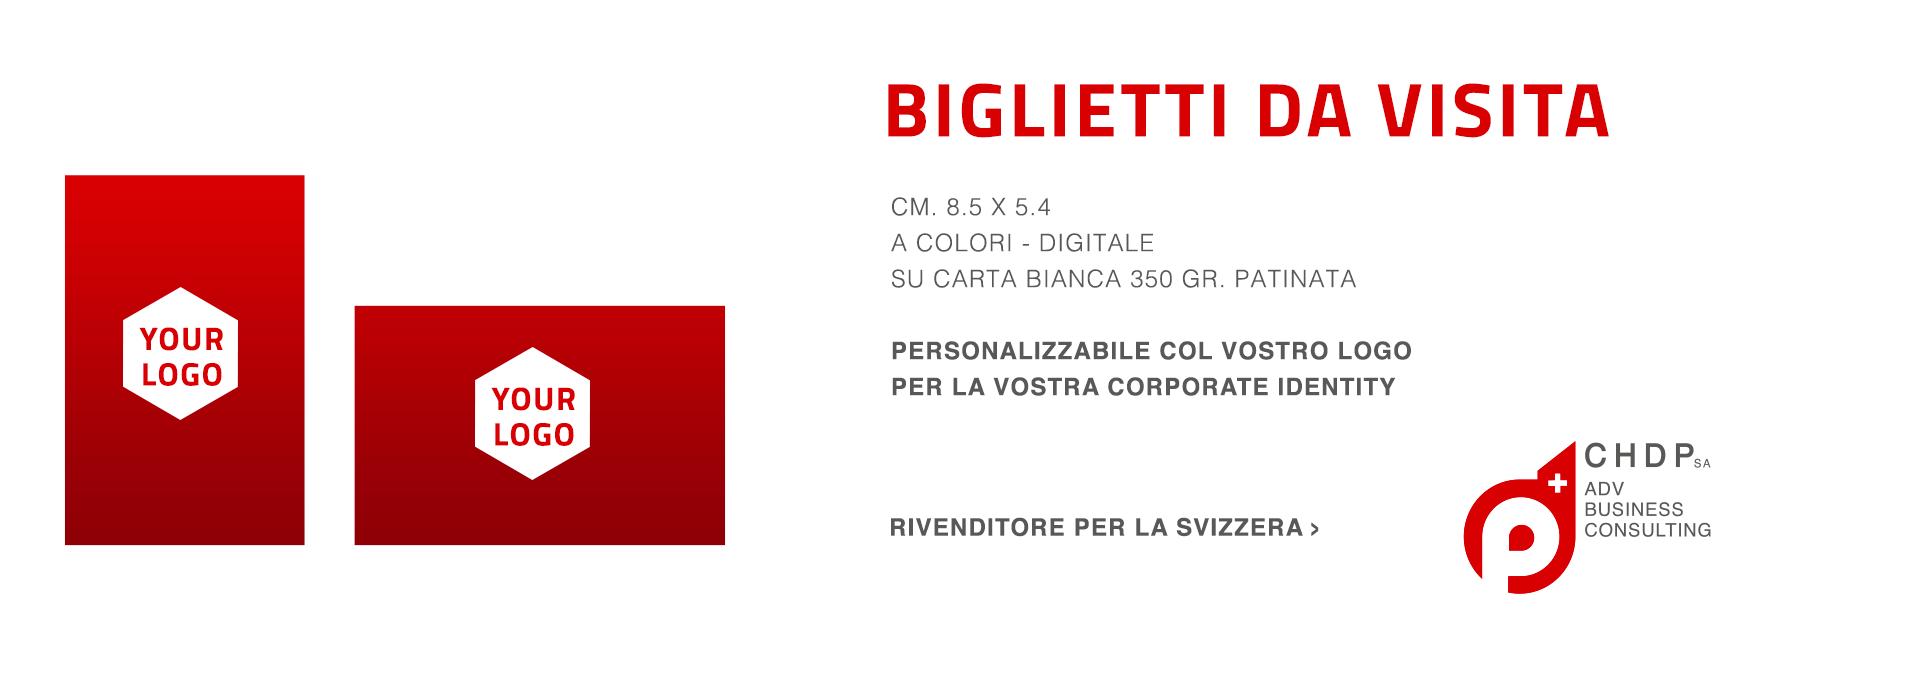 Biglietti da Visita personalizzabili per la tua azienda in Svizzera